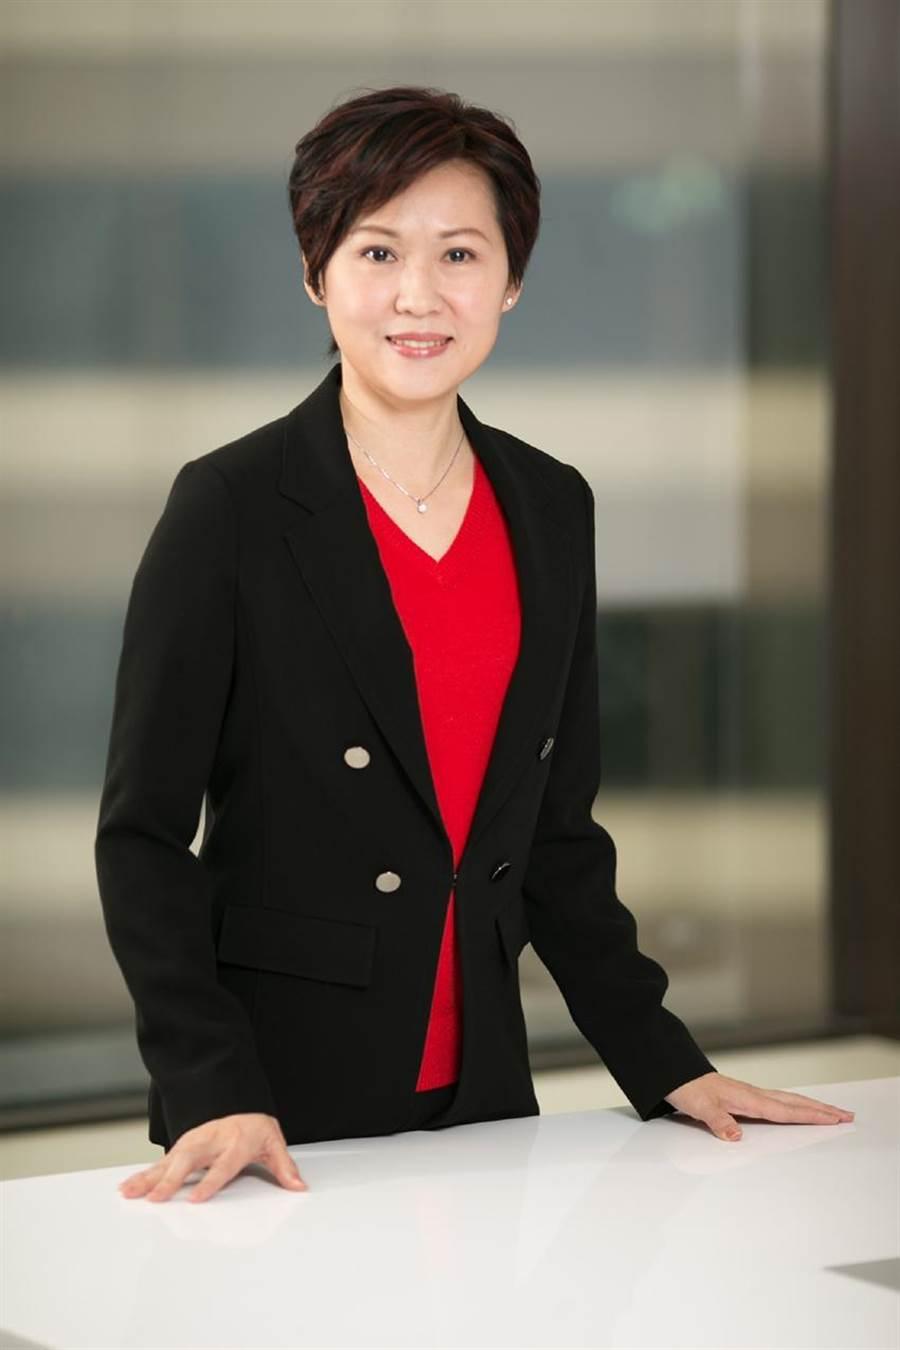 勤業眾信(Deloitte)稅務部會計師徐曉婷。圖/勤業眾信提供